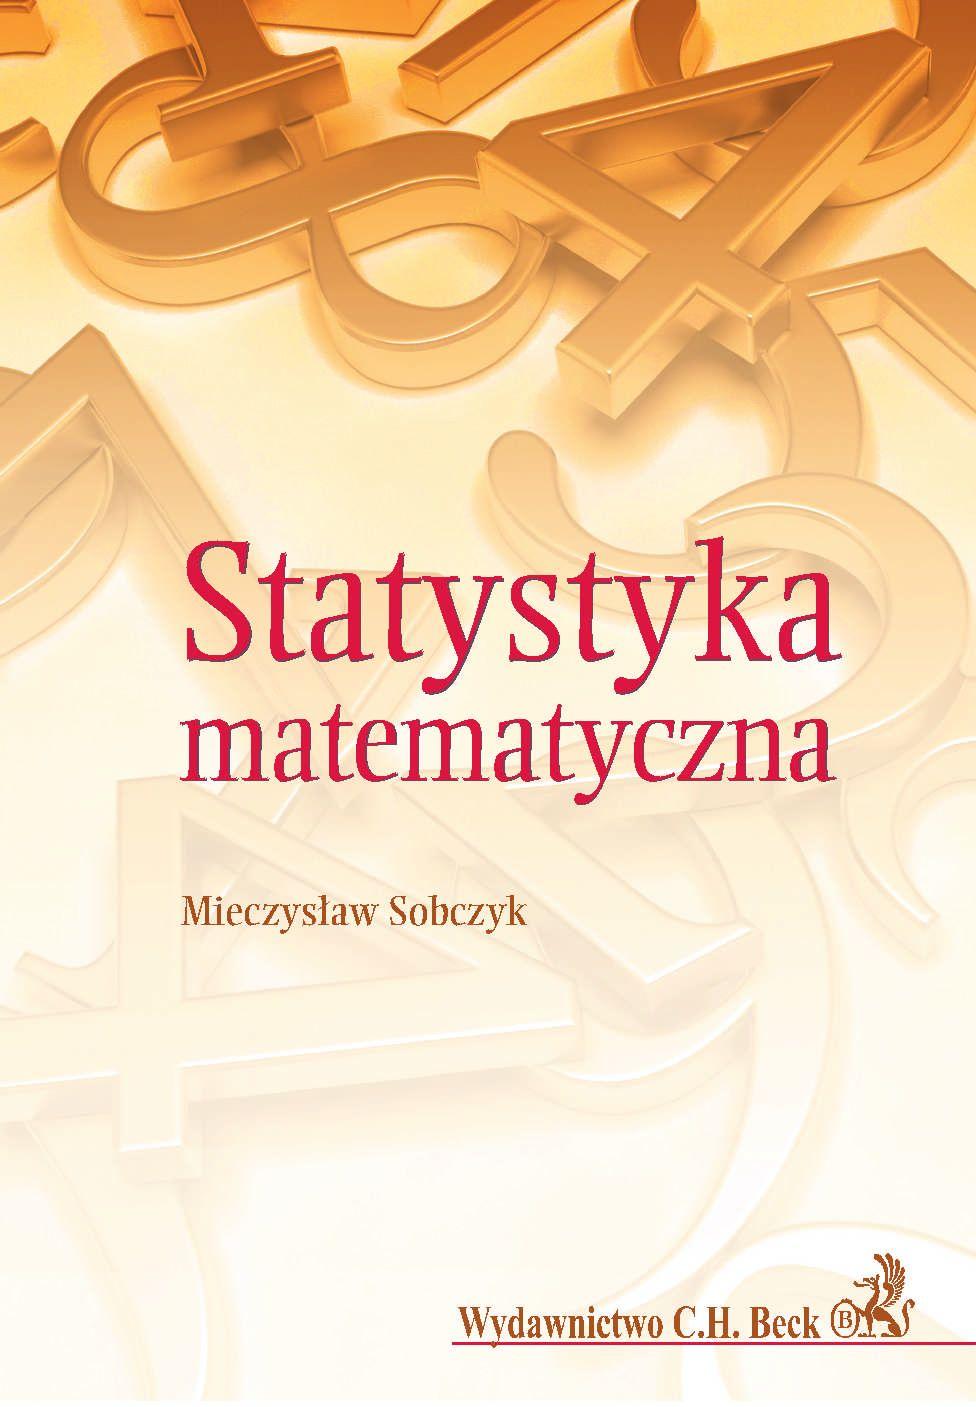 Statystyka matematyczna - Ebook (Książka PDF) do pobrania w formacie PDF